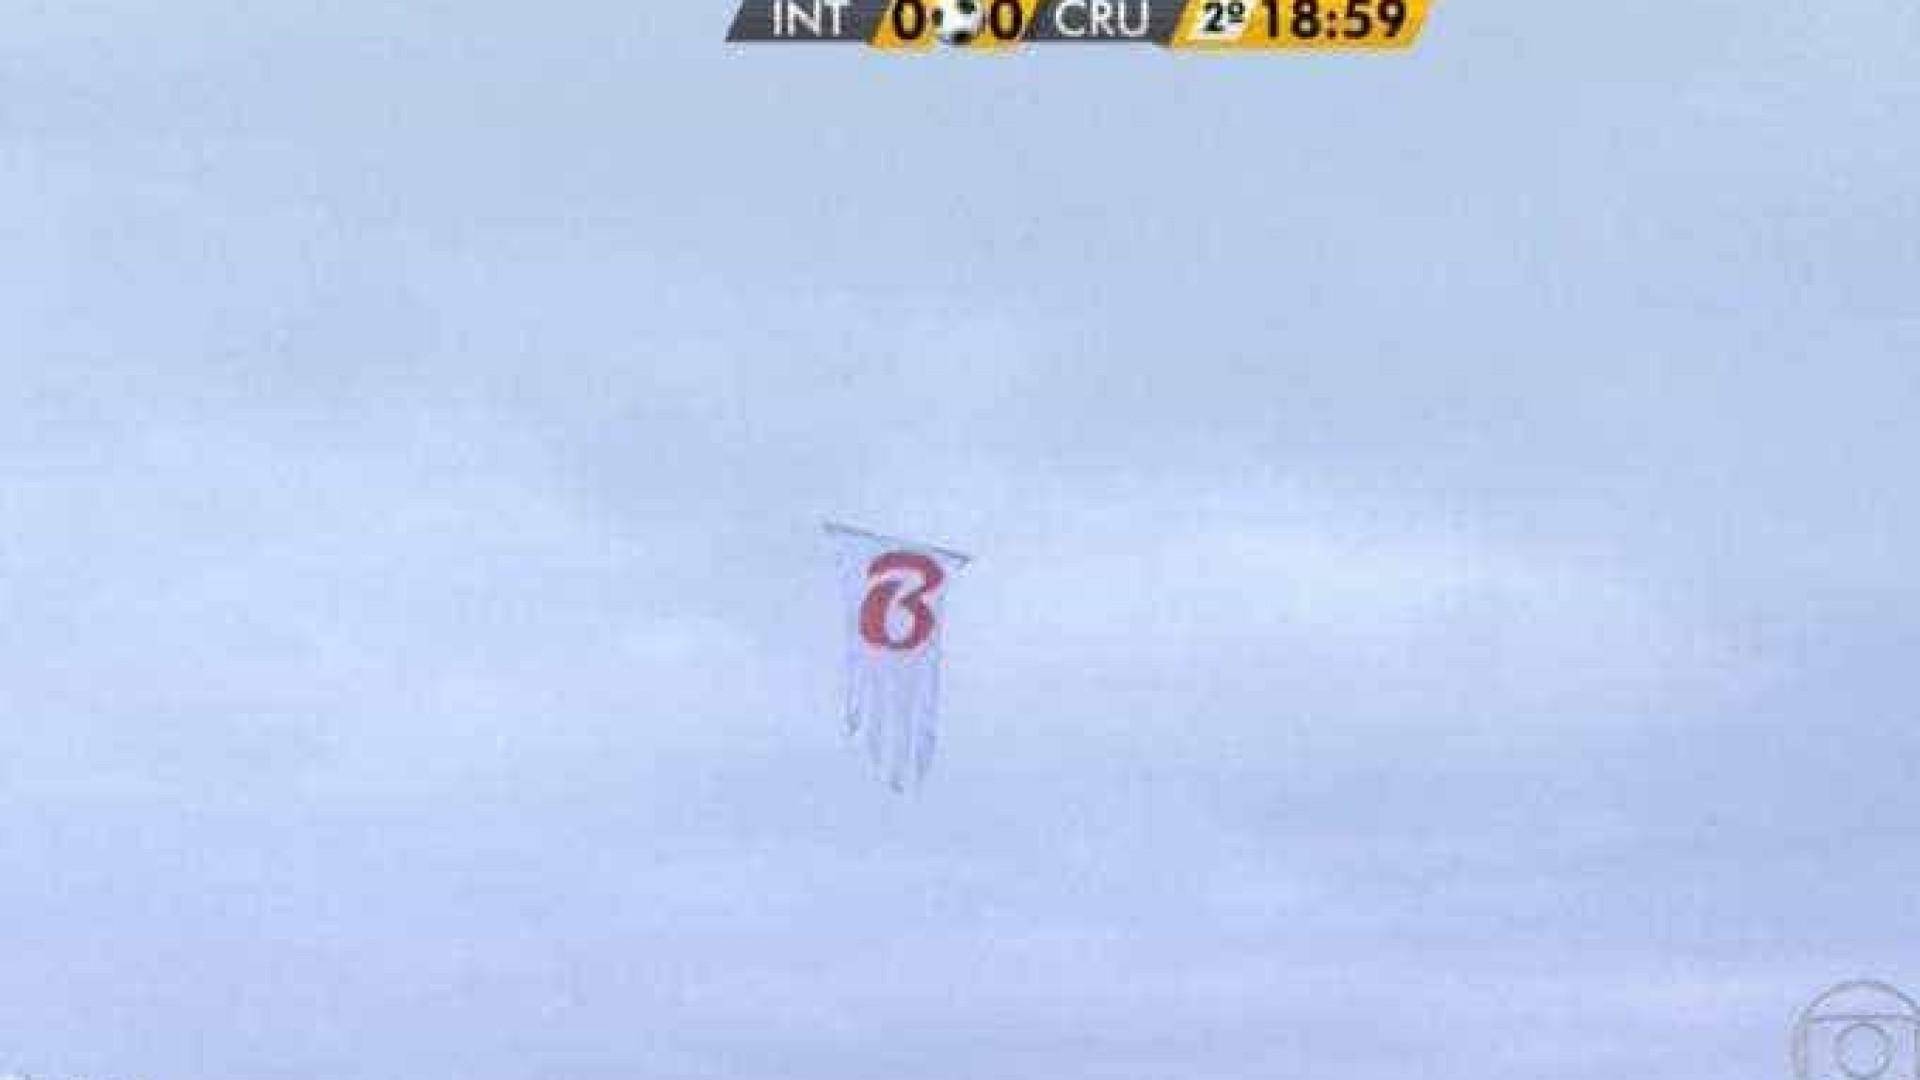 'Fantasma da Série B', drone sobrevoa Beira-Rio no jogo do Inter